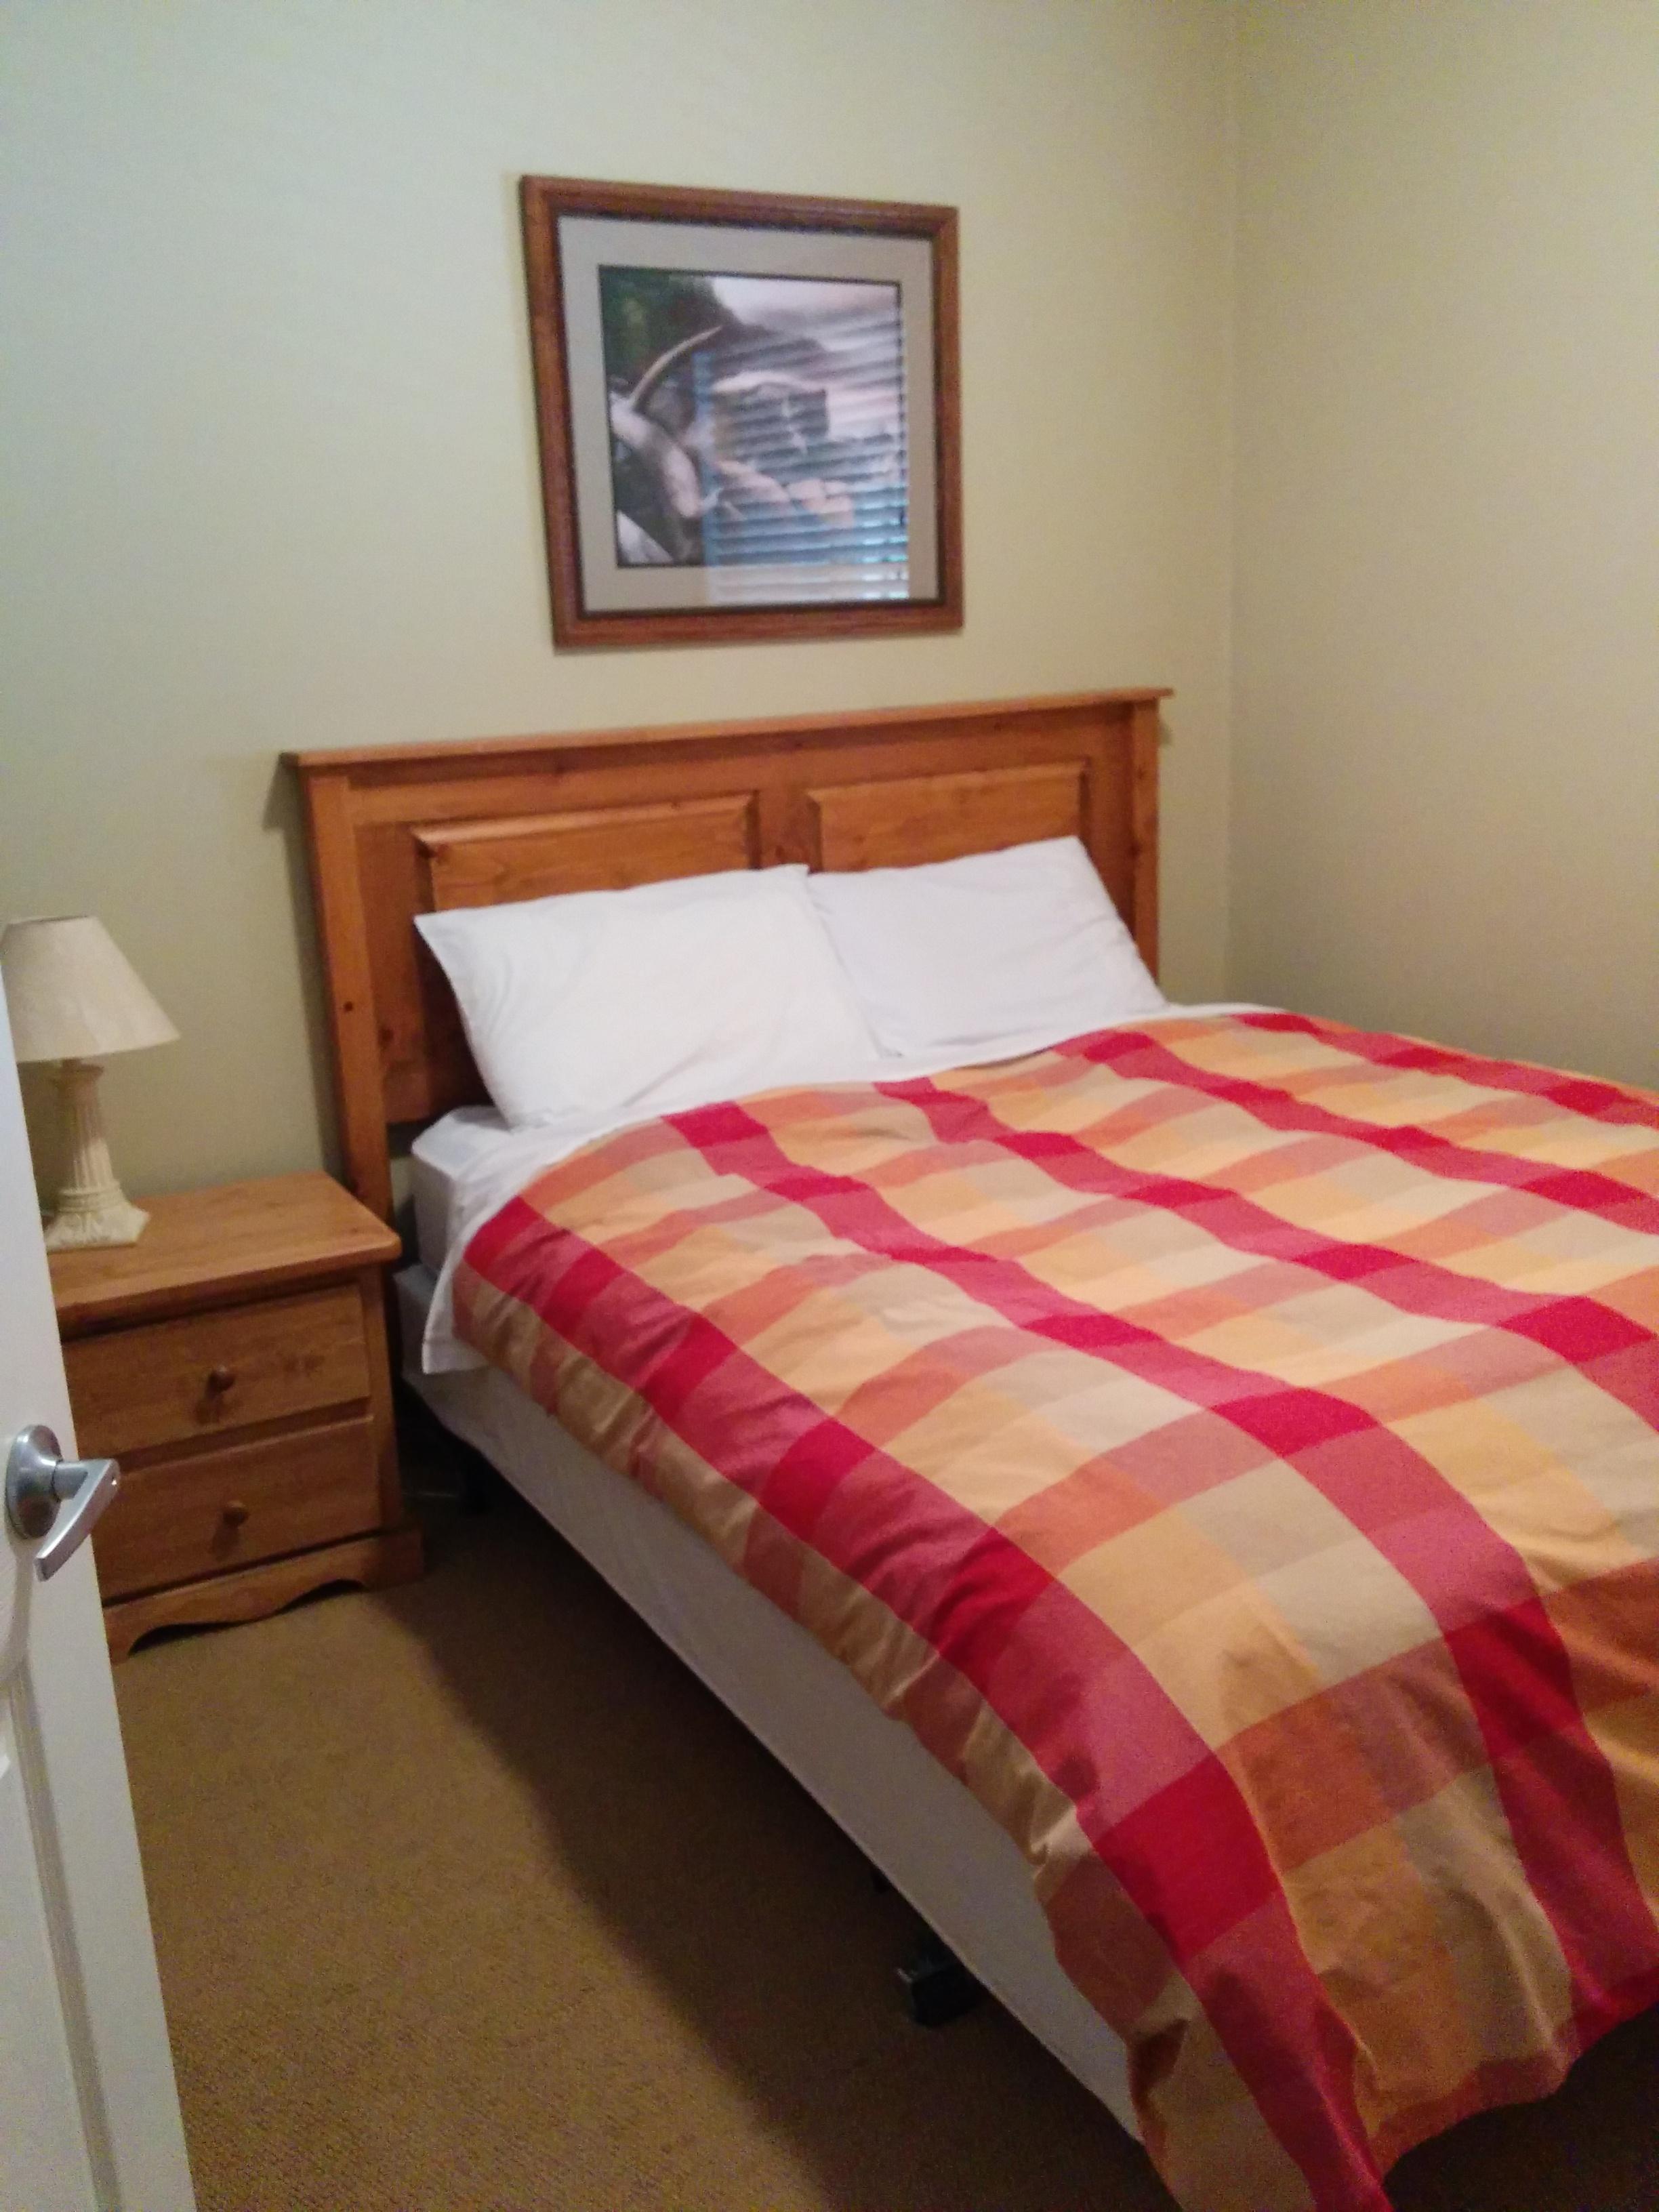 KR410 - Bedroom 1 (Main Floor)